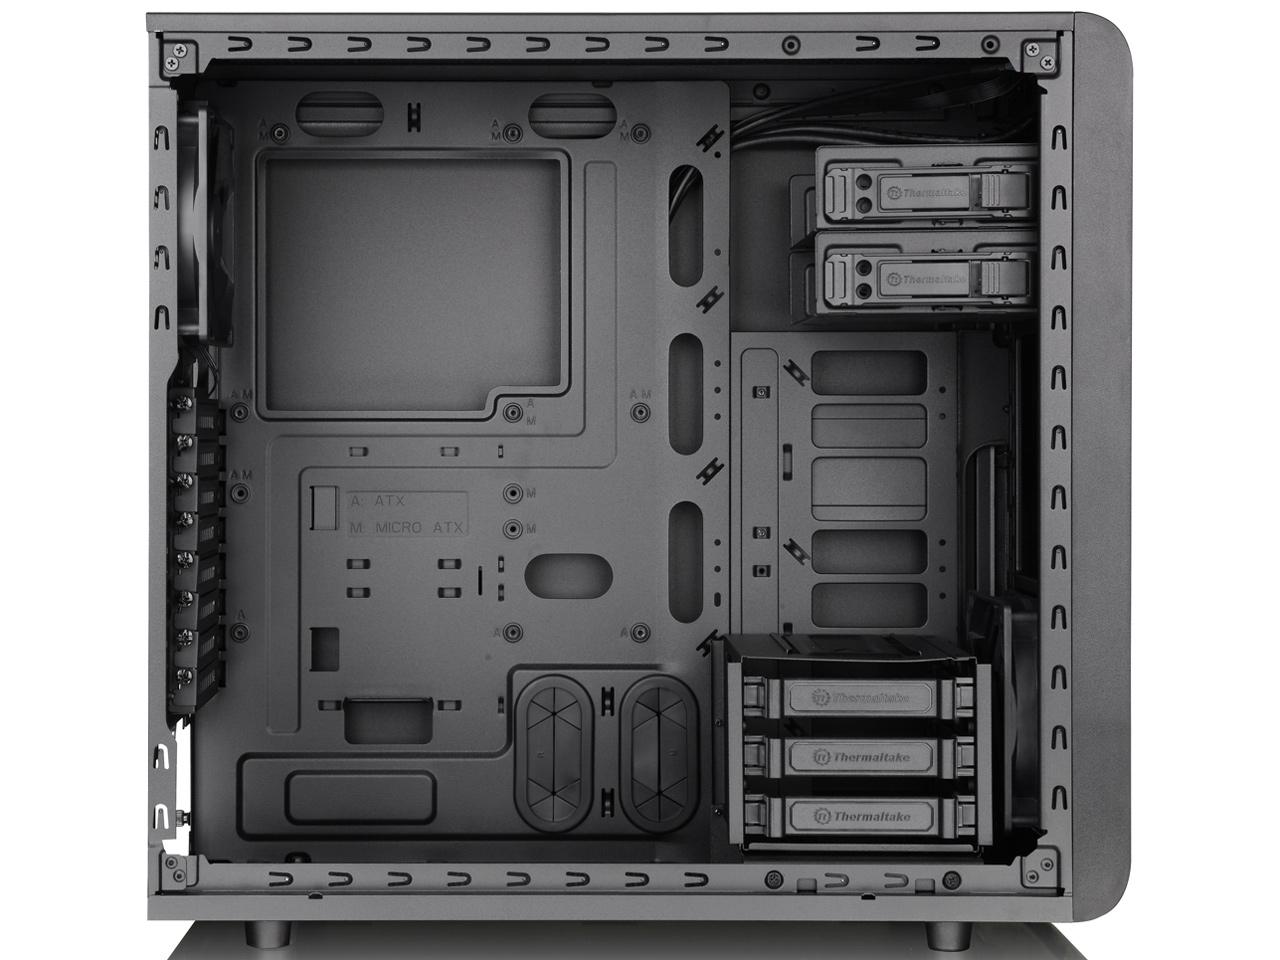 『本体 内部』 Core V31 CA-1C8-00M1WN-00 の製品画像